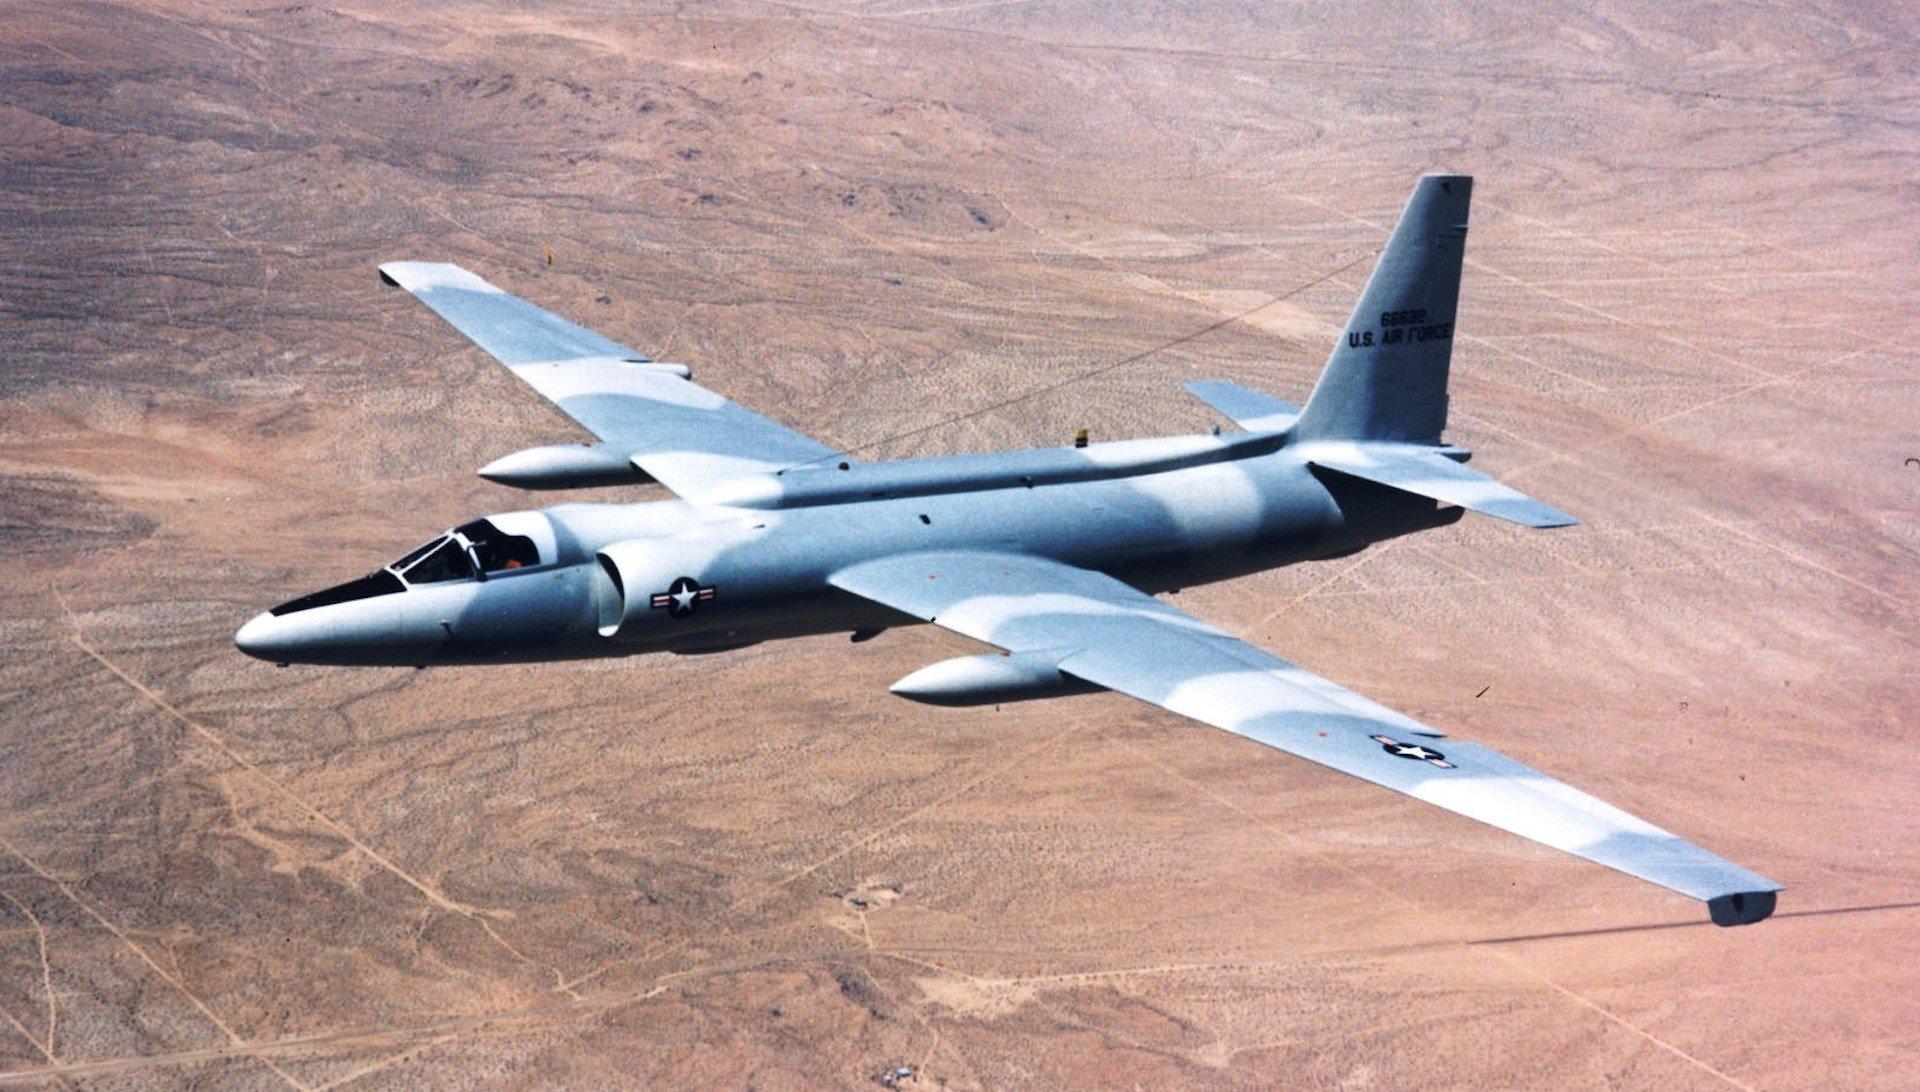 Špionážní letoun Lockheed U-2 pozoruje svět už přes 60 let, málem ani nevznikl